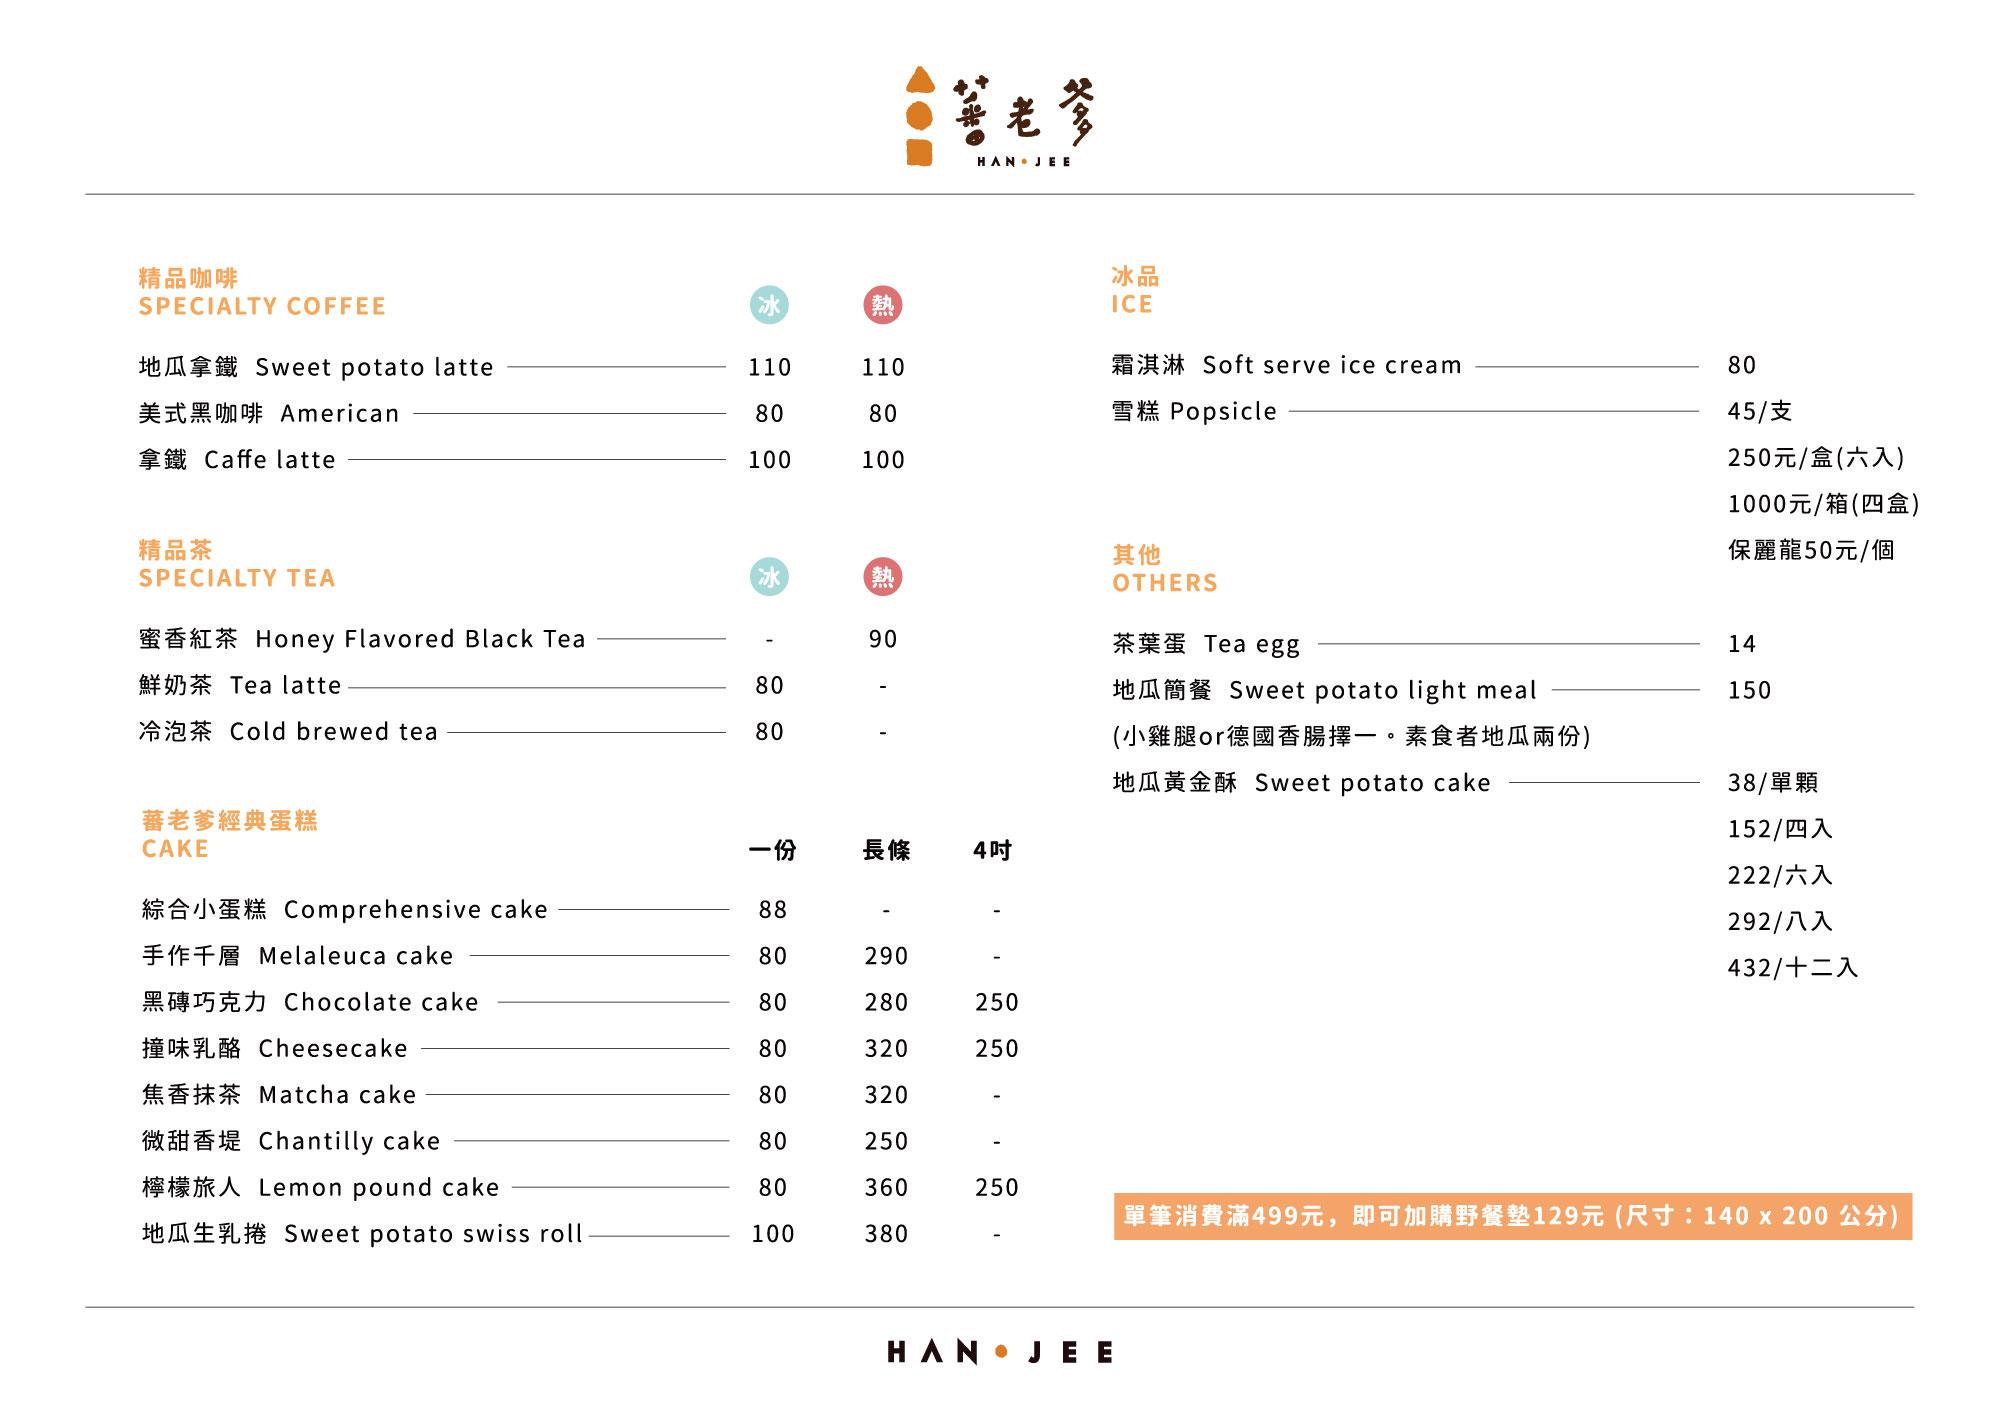 台北特色伴手禮|藏身在夢想館的蕃老爹:地瓜黃金酥、地瓜白柚雪糕特別又好吃! - nurseilife.cc